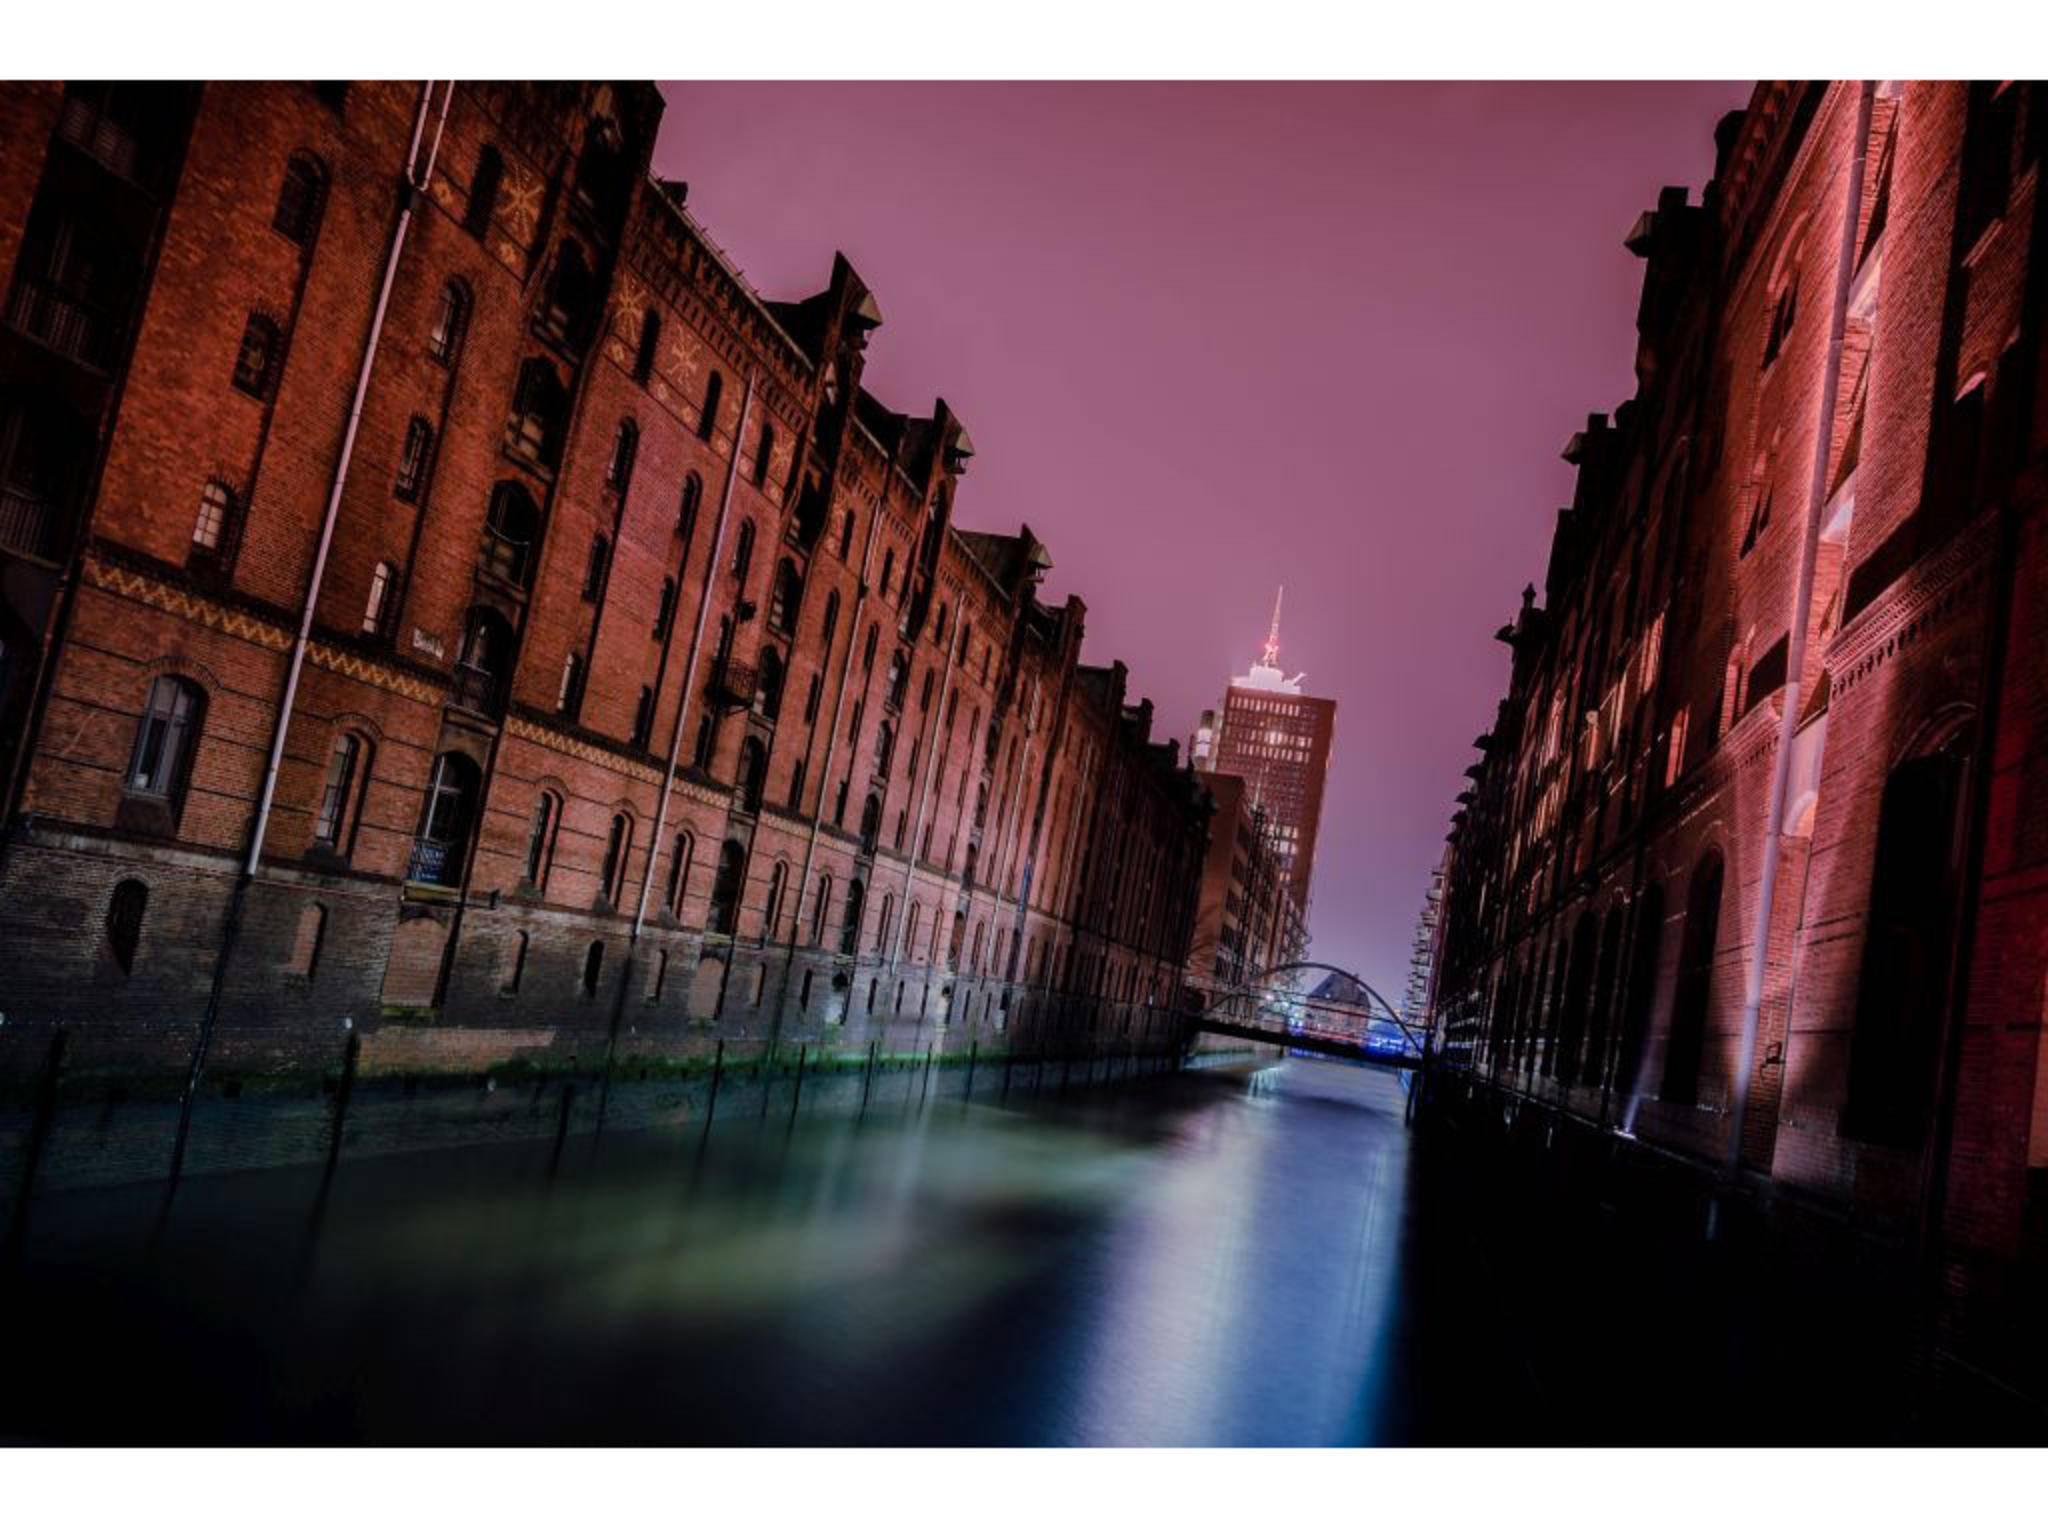 Die Speicherstadt in Hamburg – fotografiert mit einer f/4-Blende.